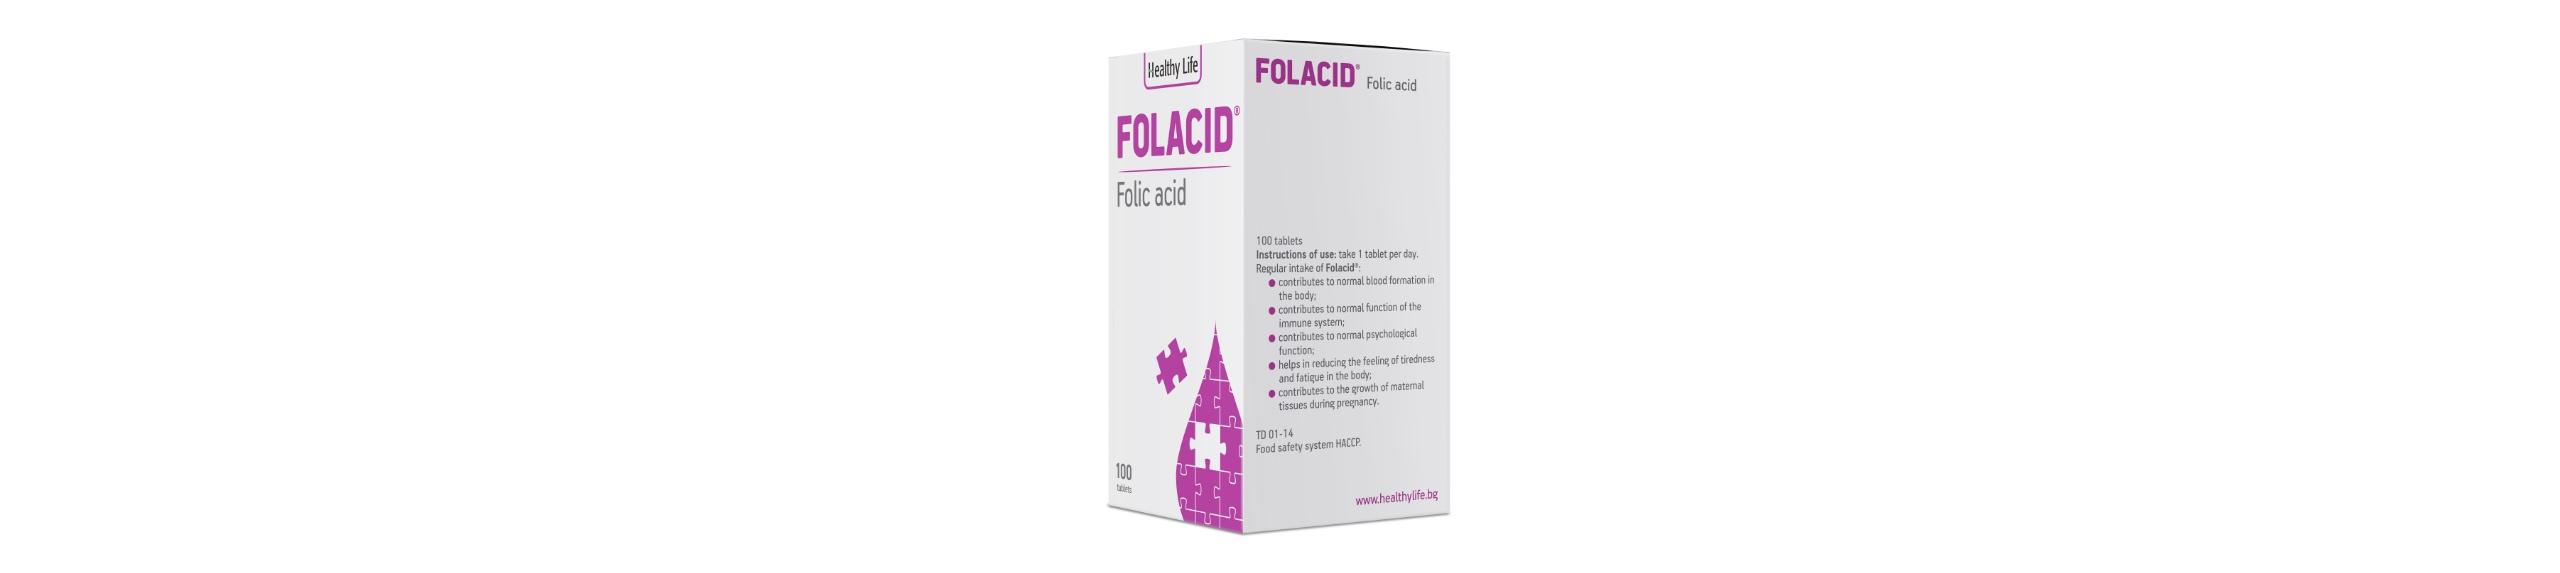 P3-Slider-img-Folacid3